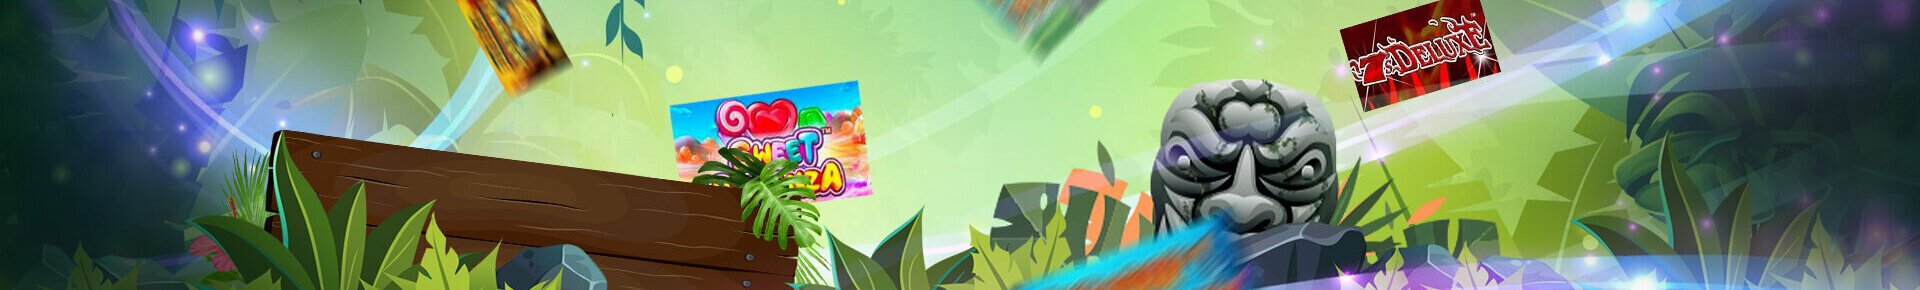 Jungle Reels casino review UK